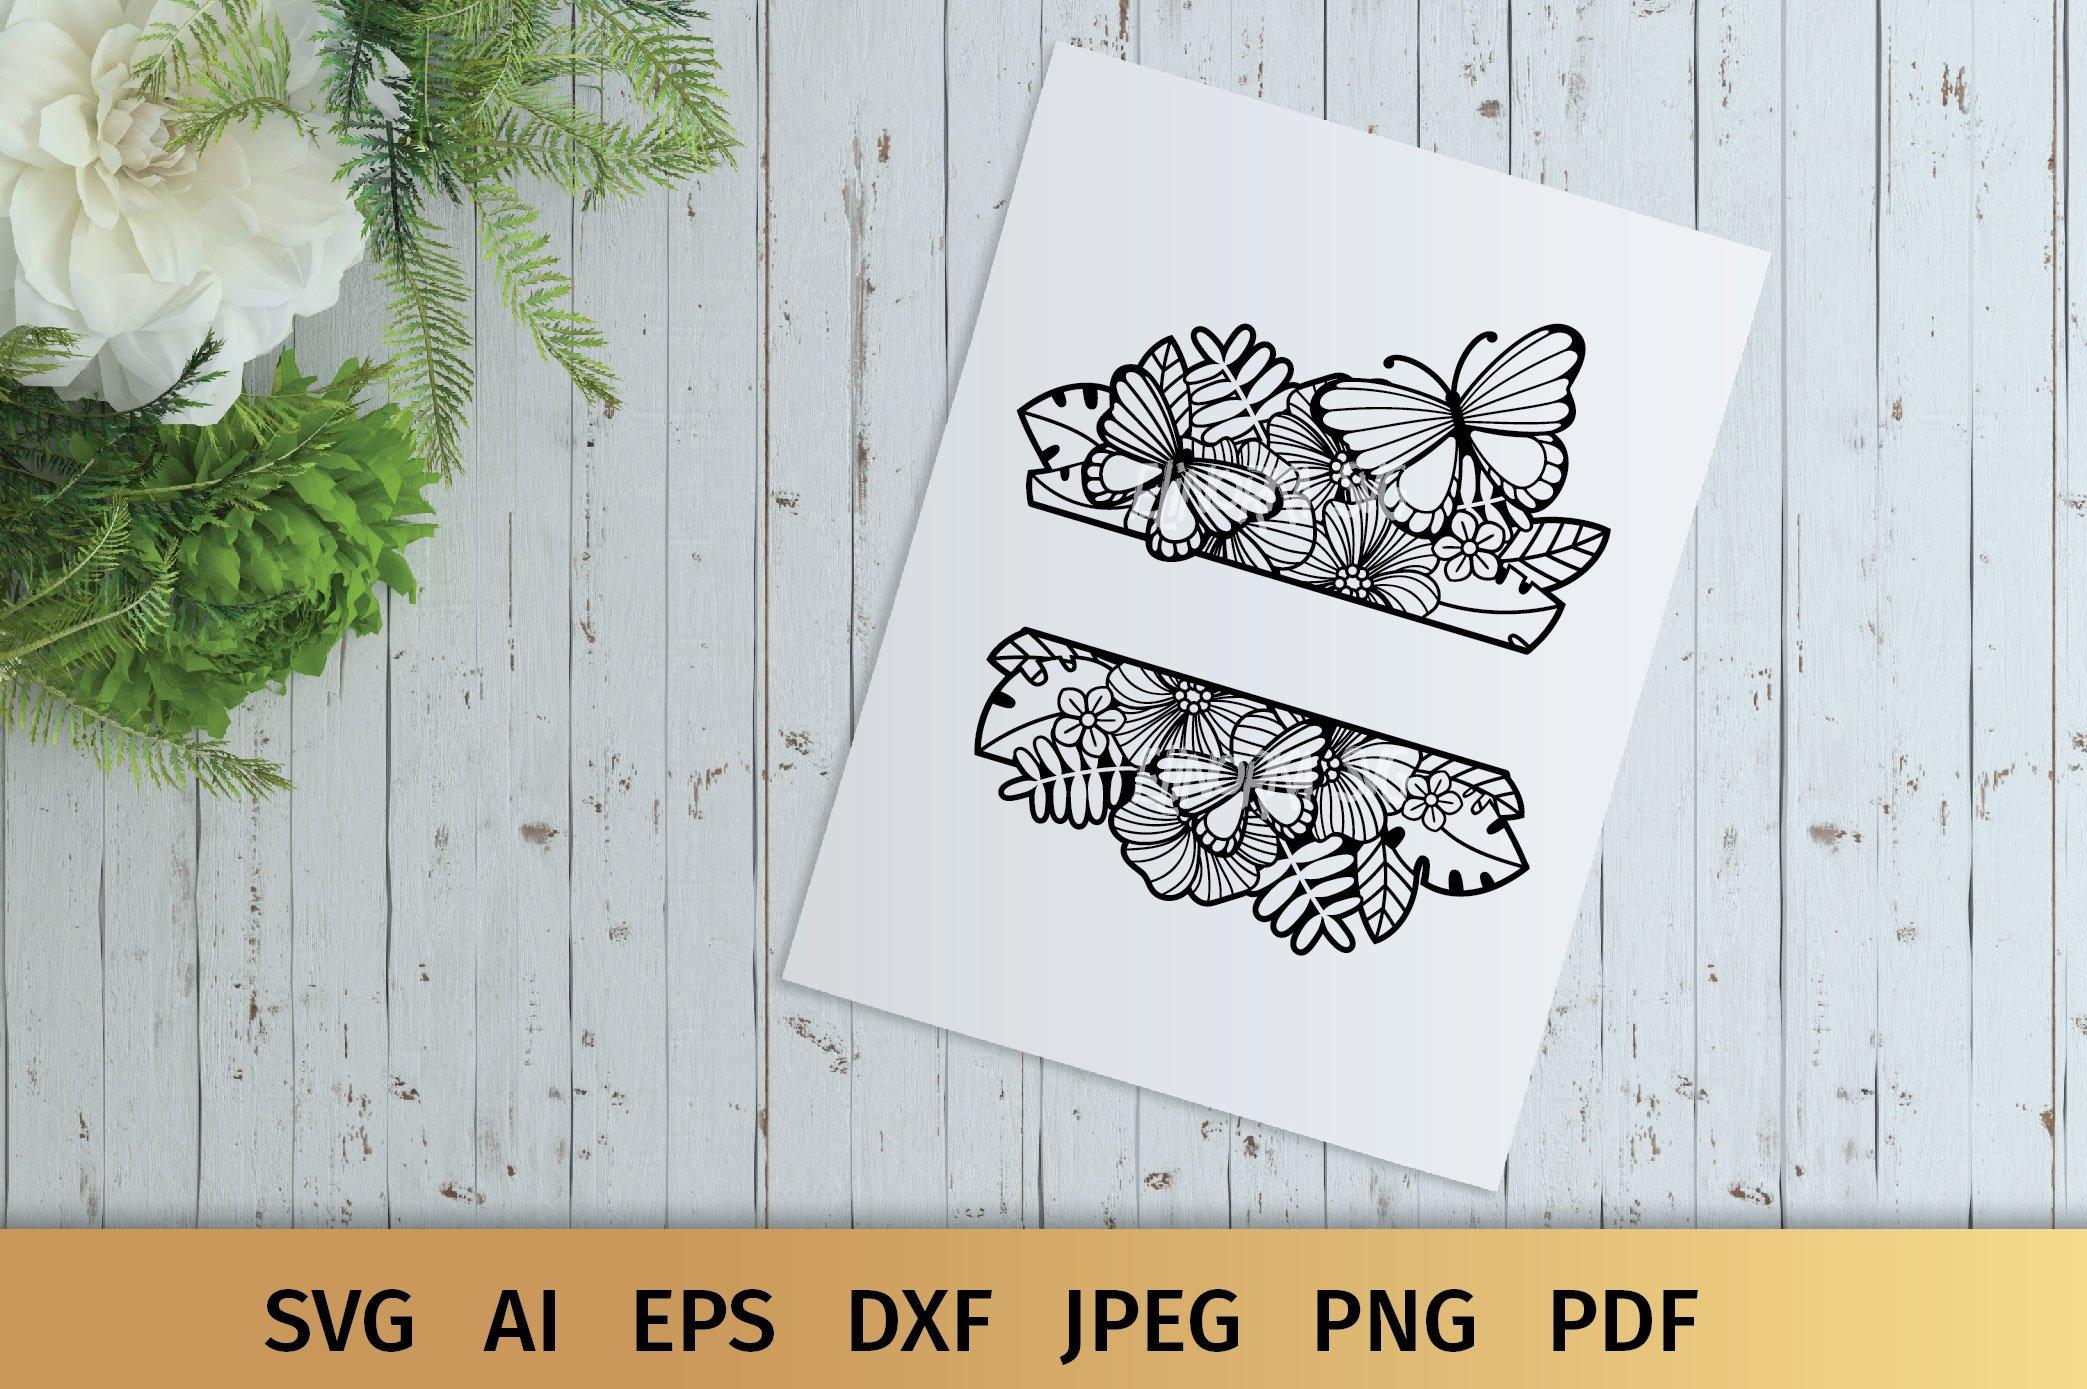 Split Monogram SVG | Floral SVG | Butterfly SVG | Summer SVG example image 9